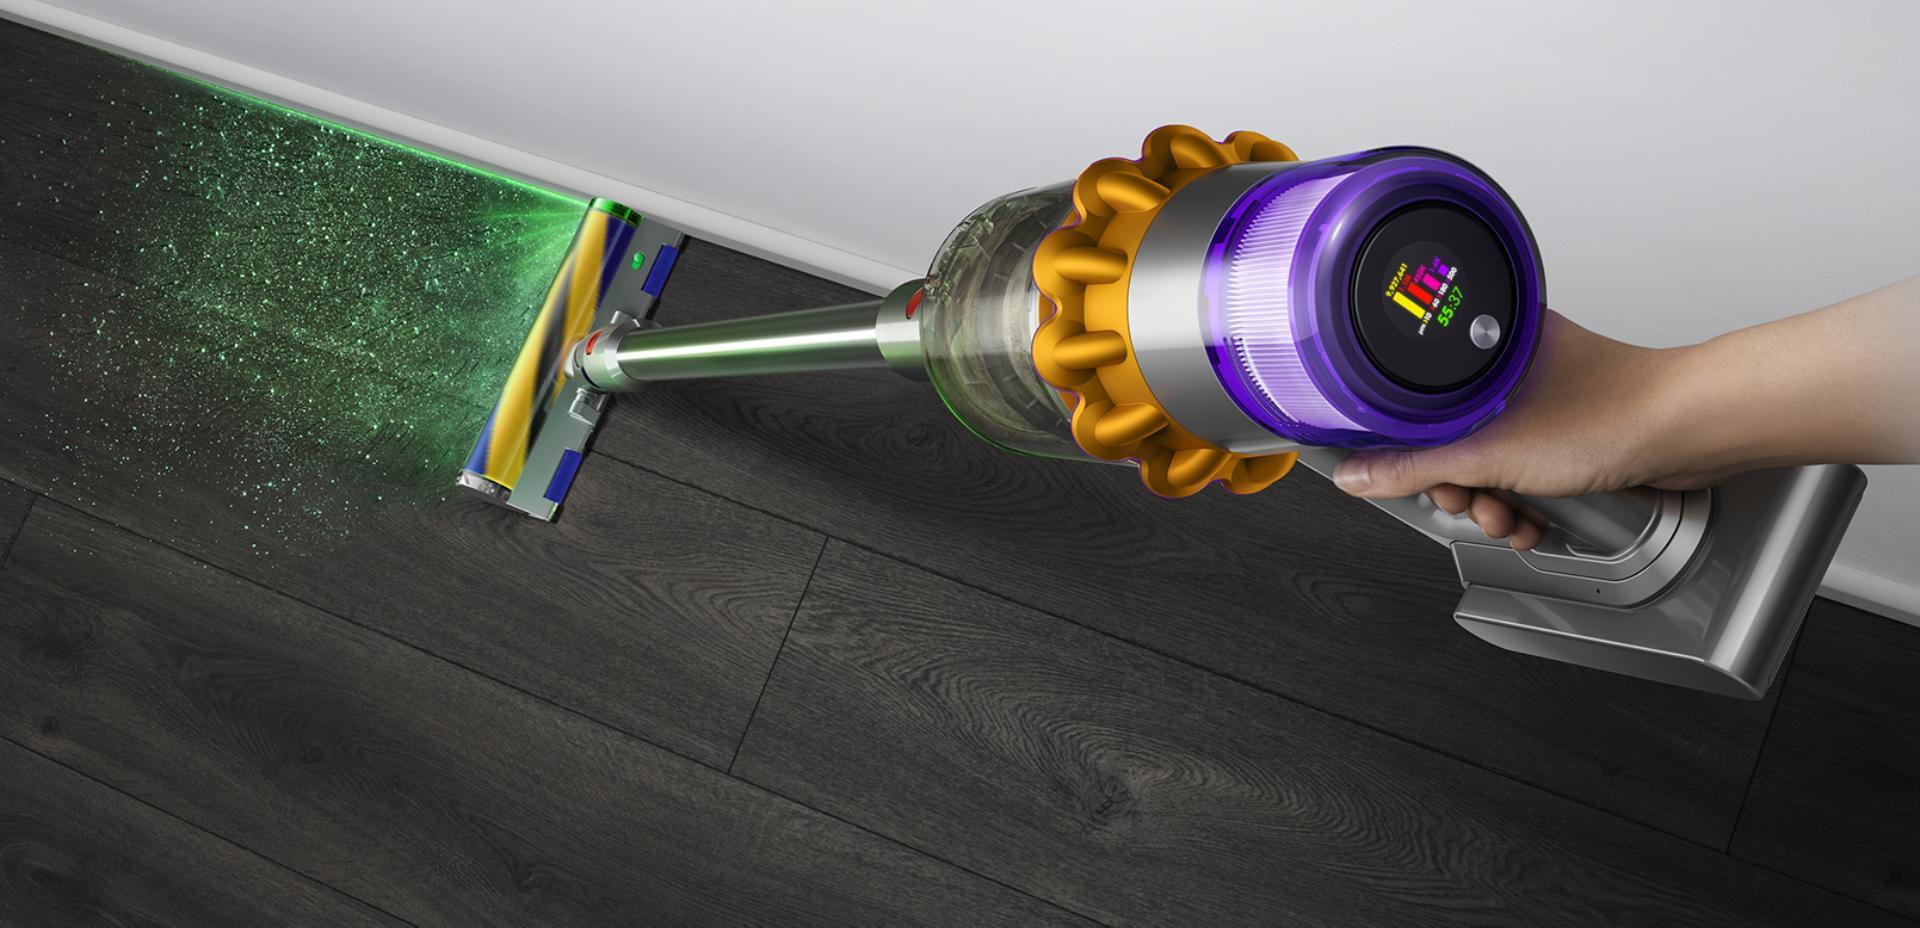 Dyson V15 Detect revealing dust on hard floor